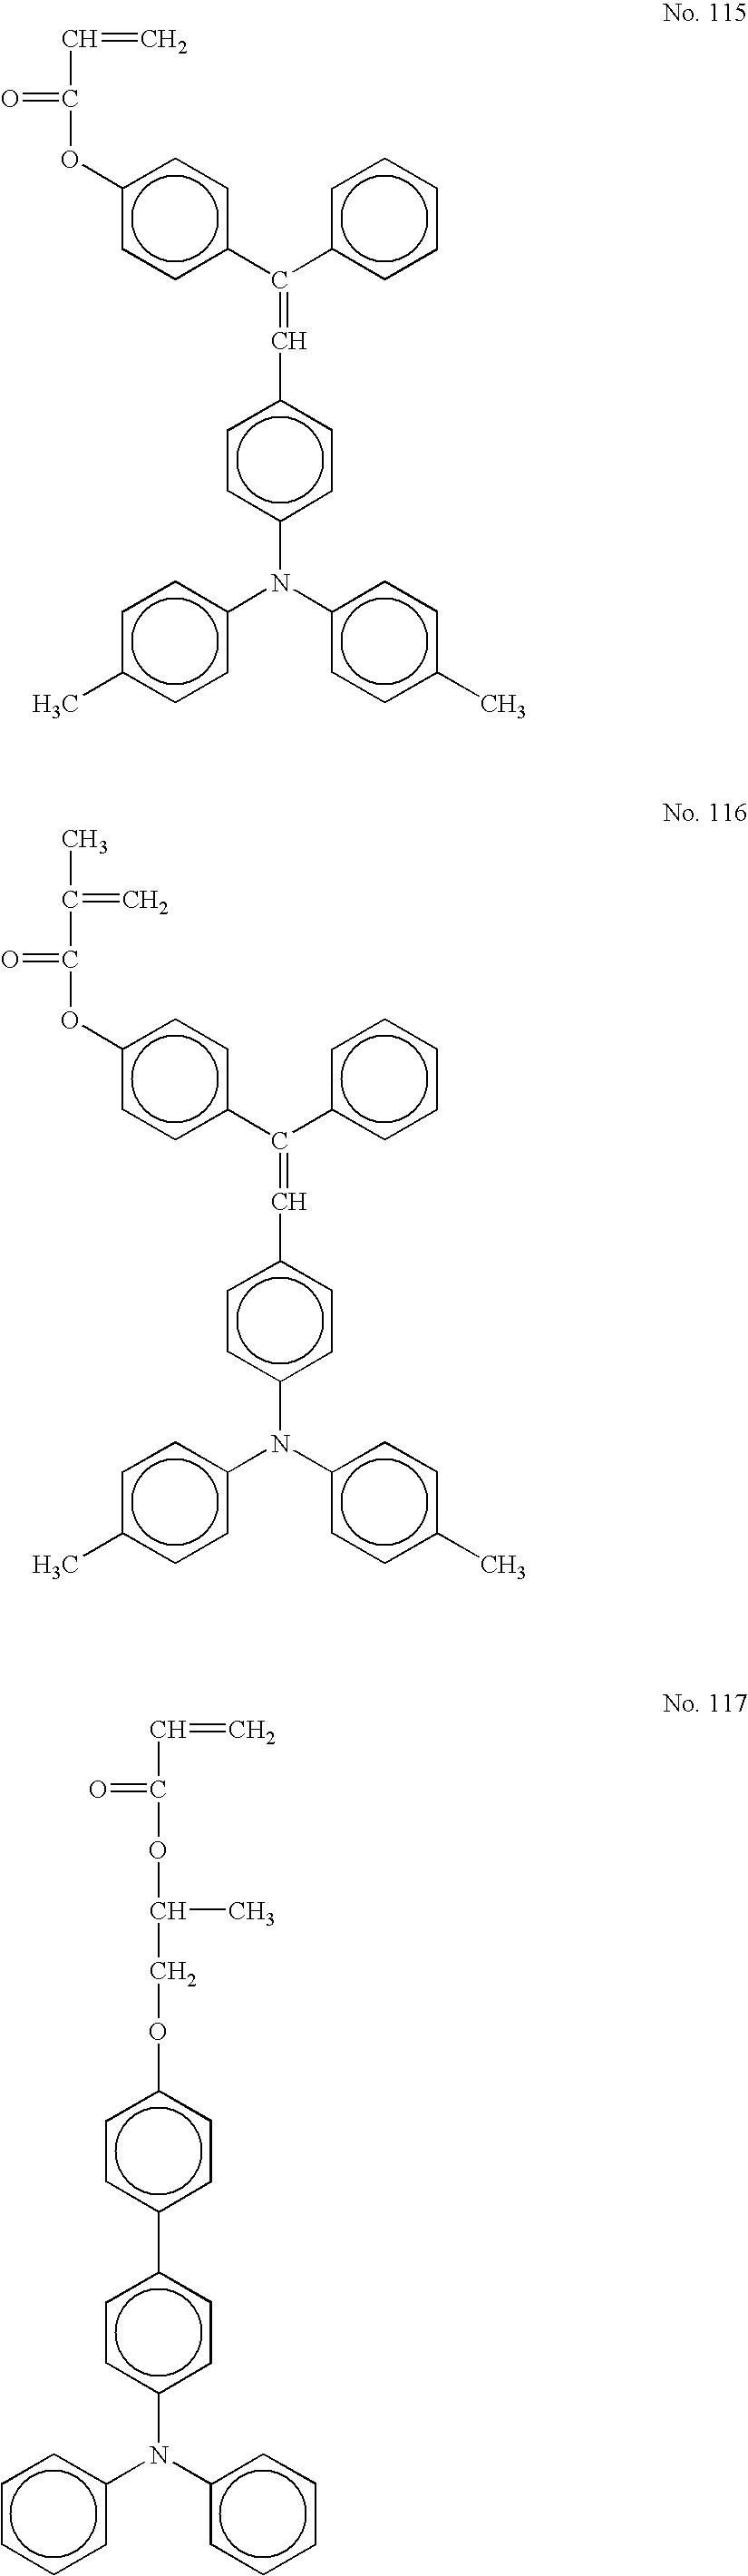 Figure US20050158641A1-20050721-C00053